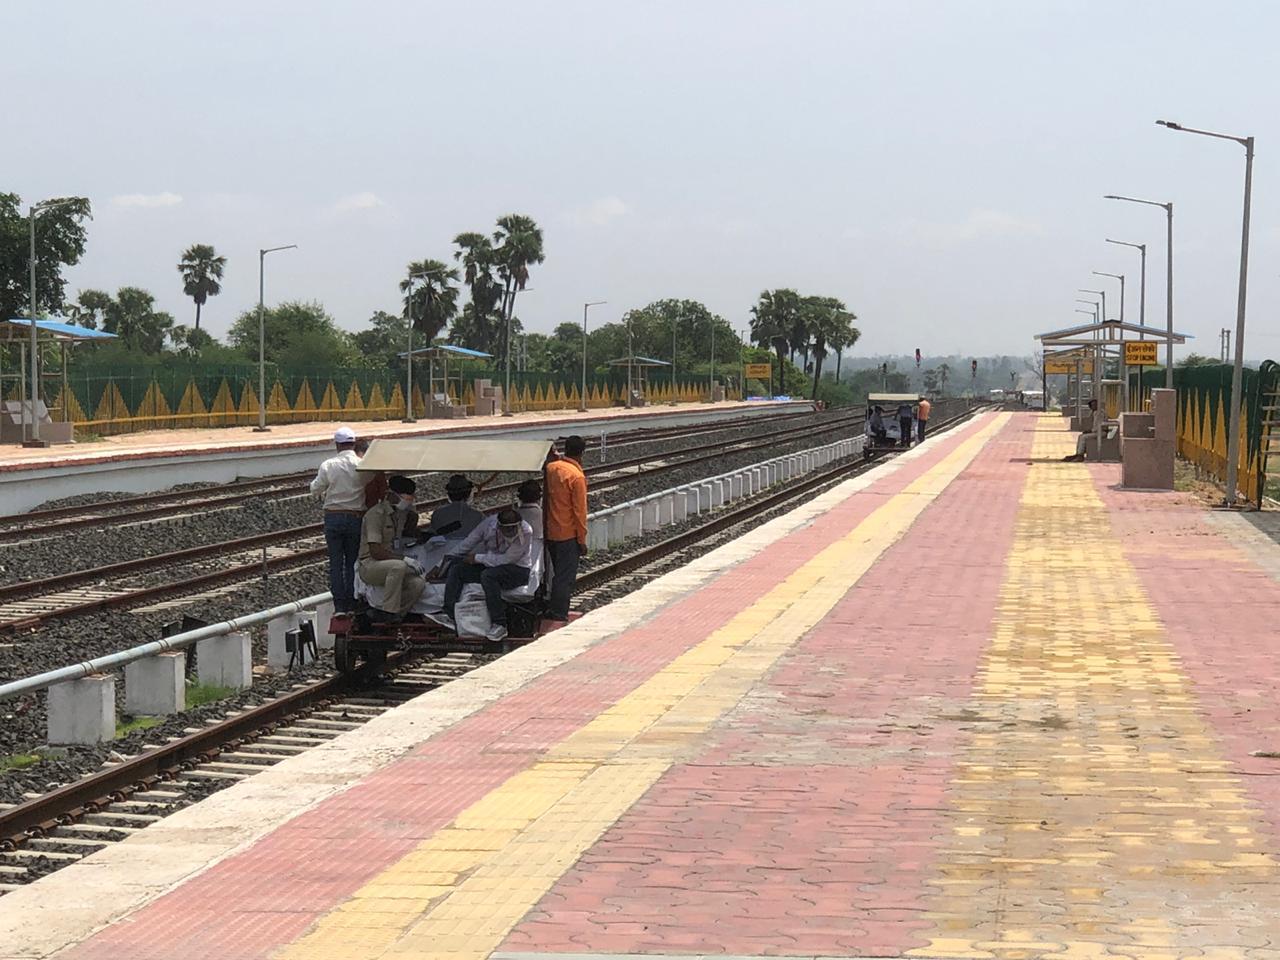 कमिश्नर ऑफ रेलवे सेफ्टी ने अलीराजपुर - खंडाला बड़ी लाइन का निरीक्षण किया